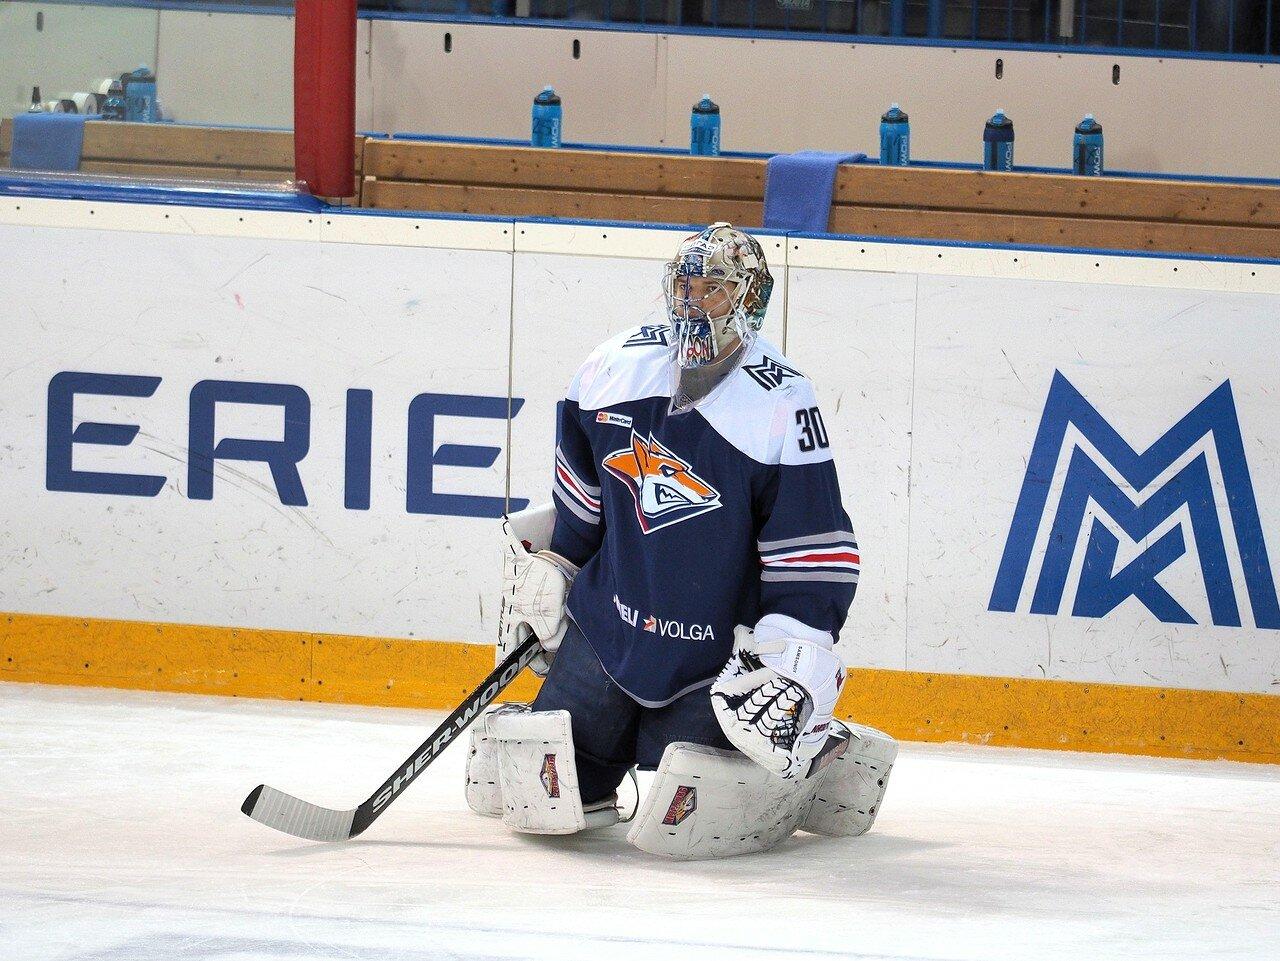 37Металлург - Локомотив 23.11.2016